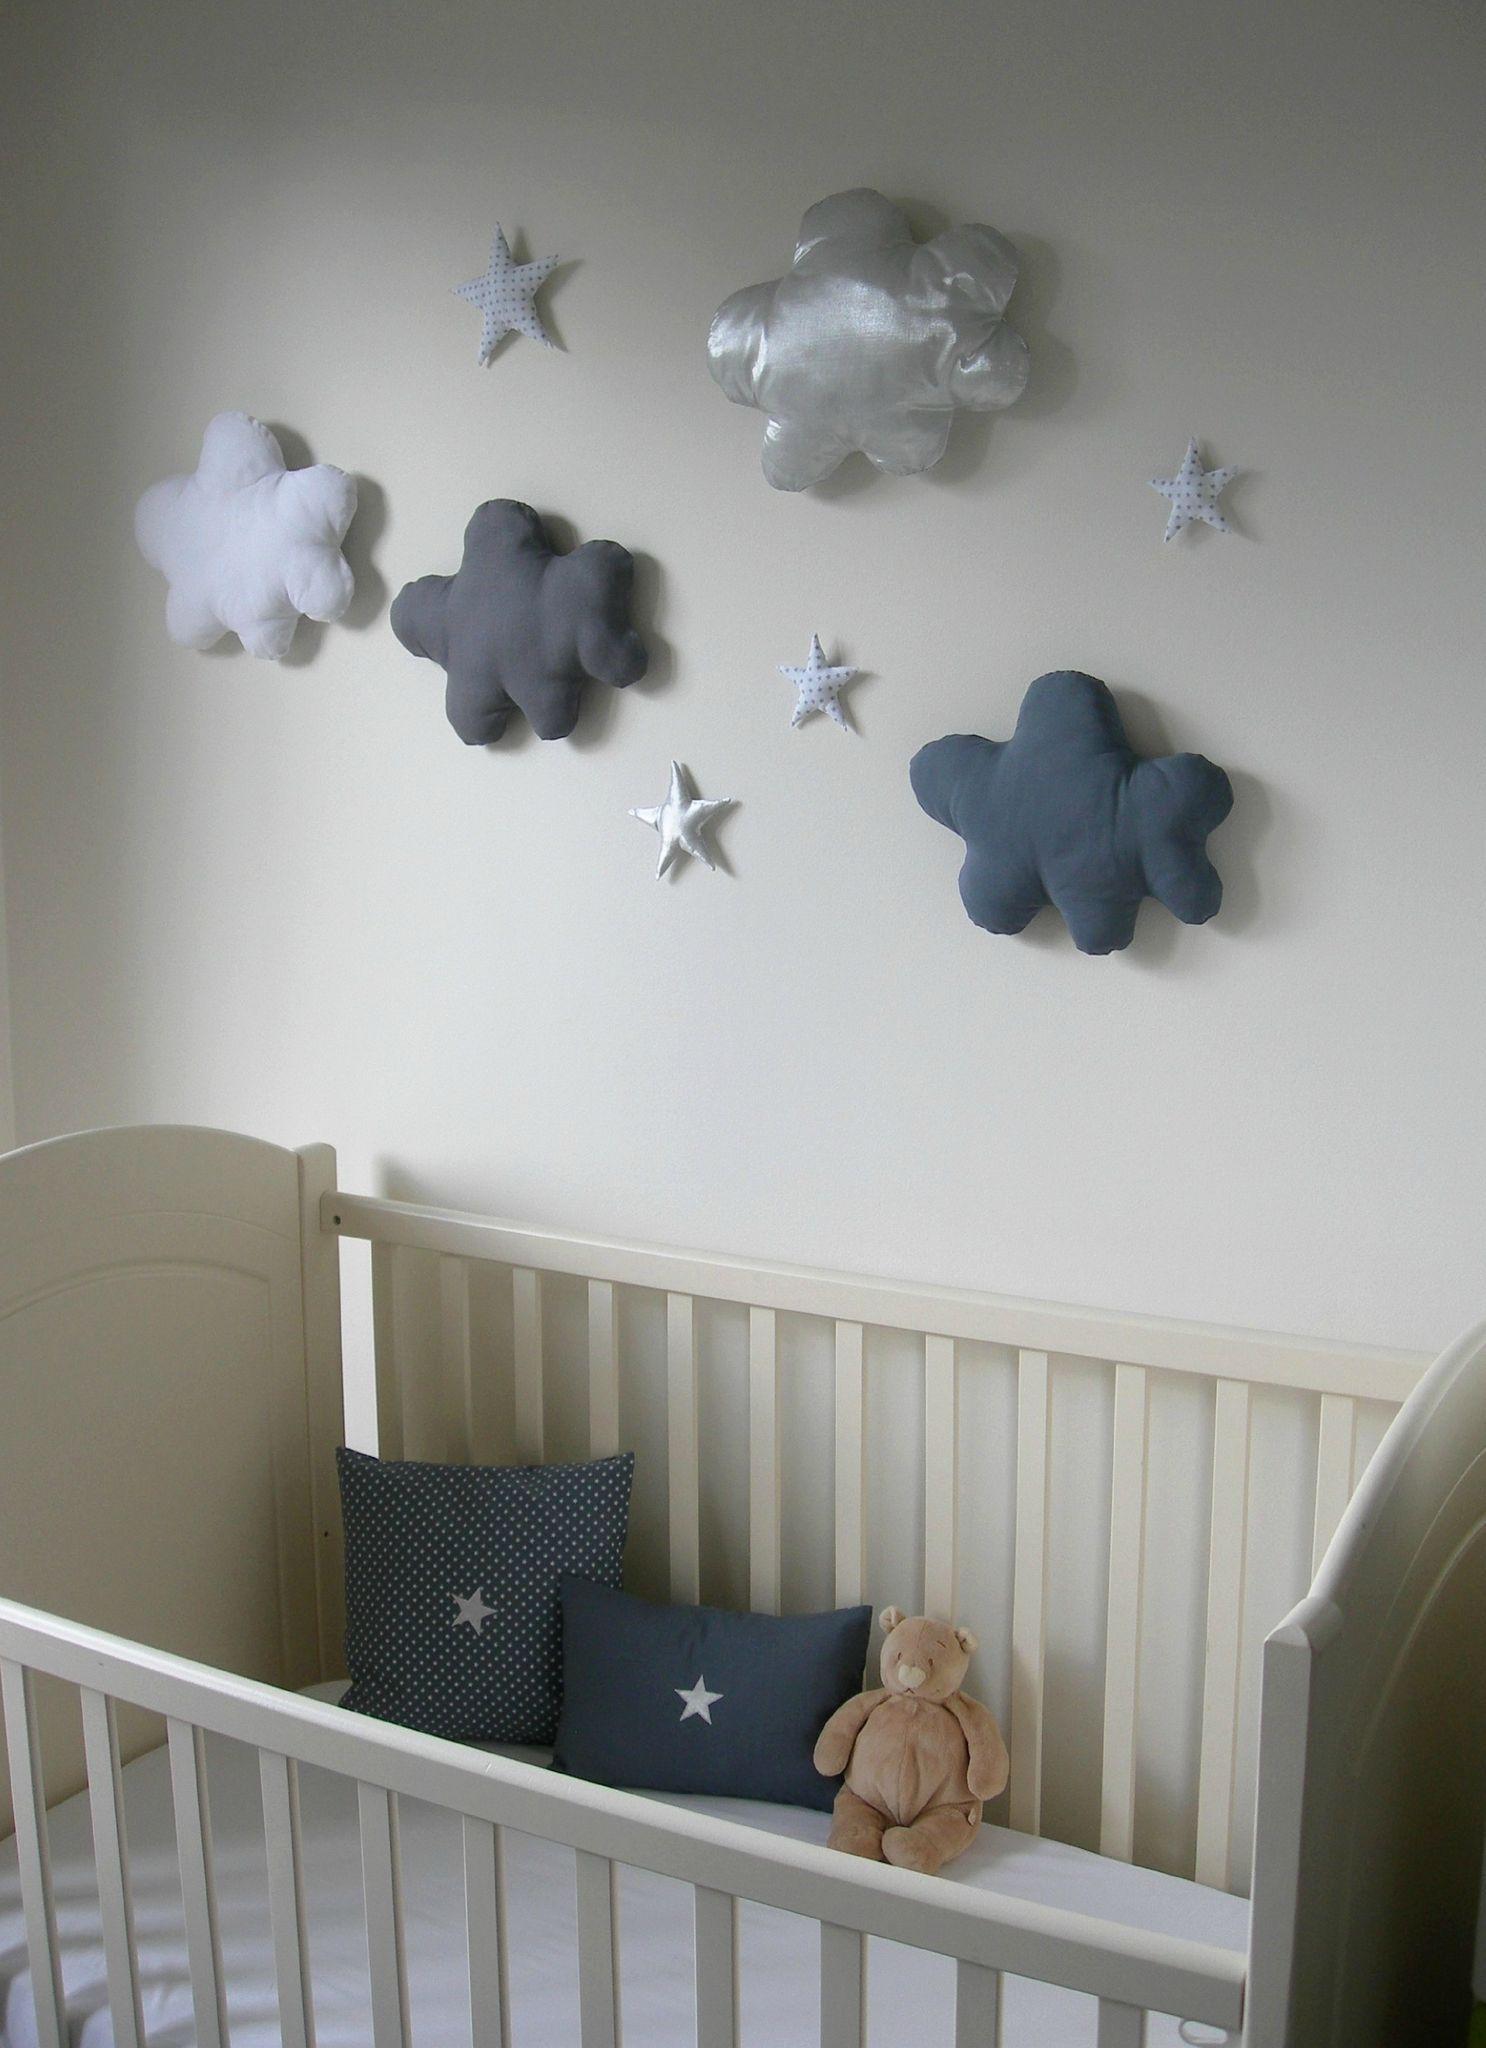 Décoration murale nuages et étoiles tissus France Duval Stalla